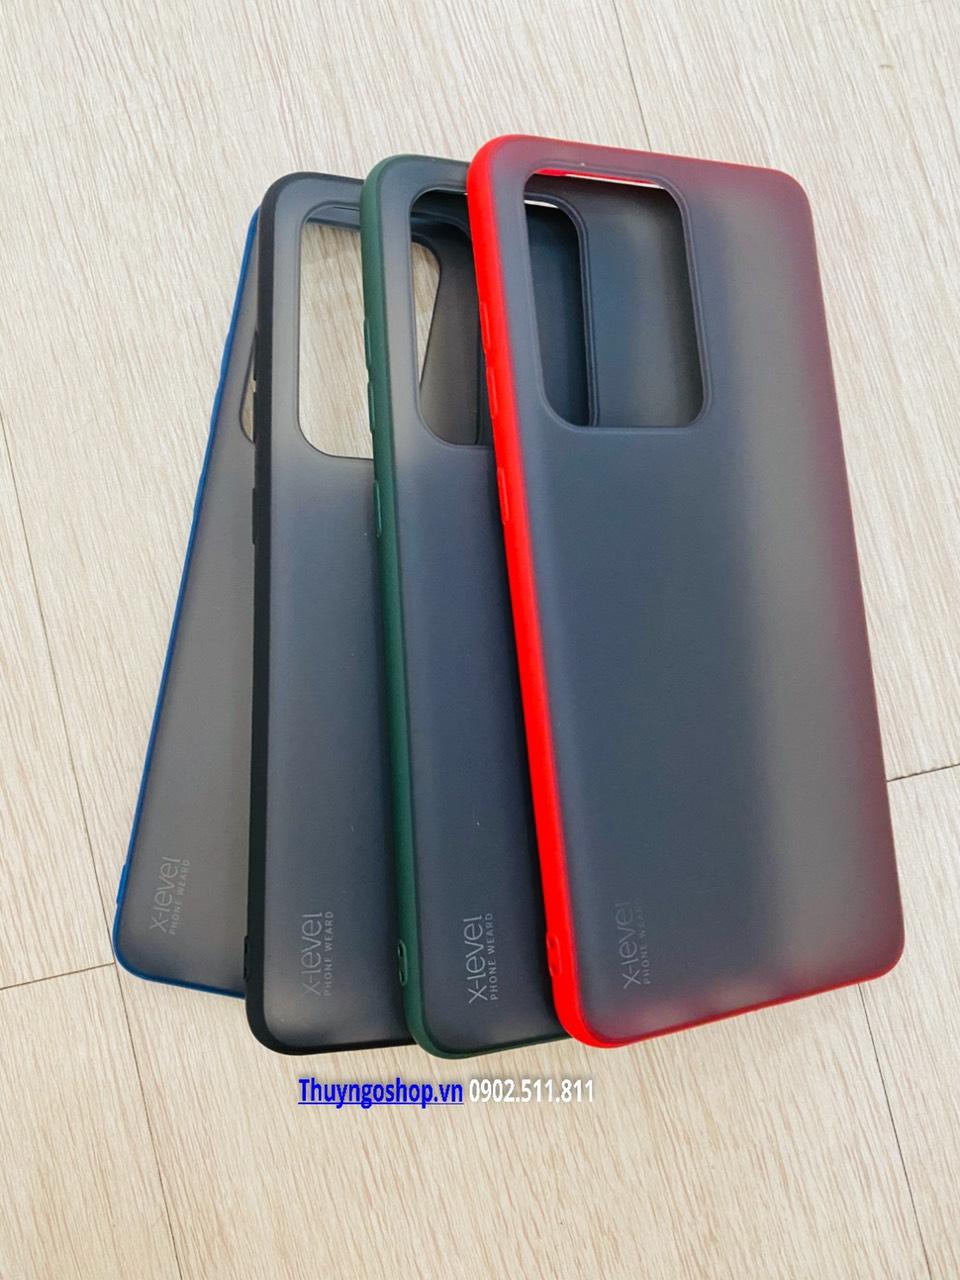 S20/S20 Plus/S20 Ultra - Ốp lưng nhám mỏng chống vân tay viền màu X-Level